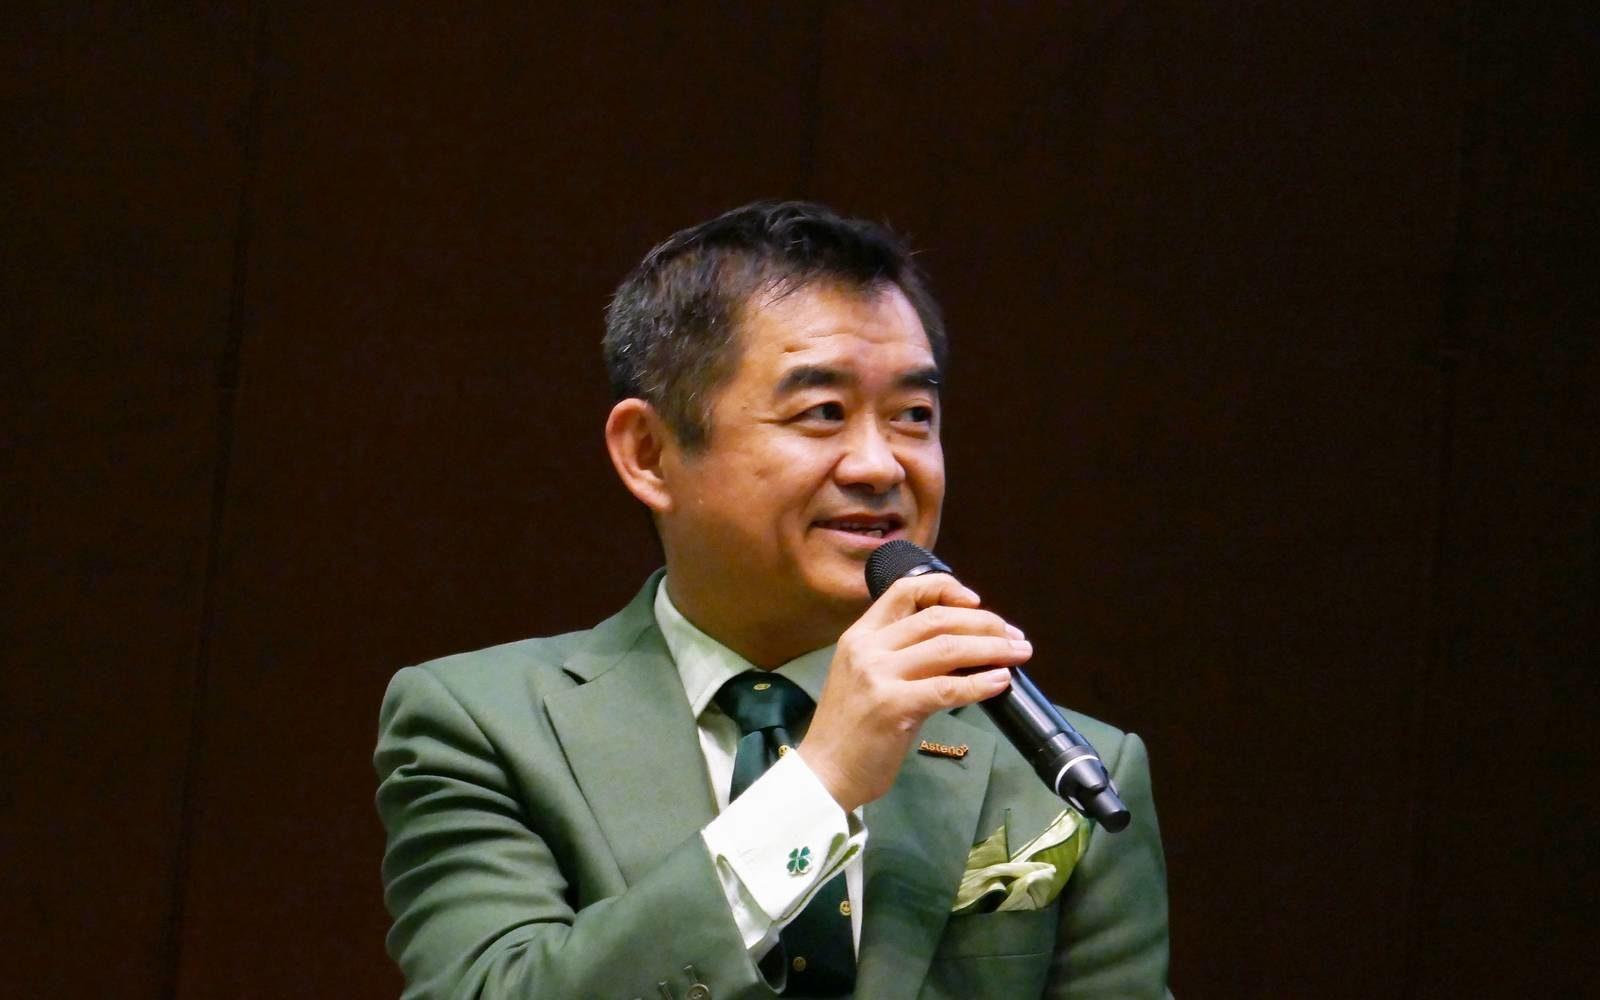 平野 洋一郎氏 BCCC代表理事 兼 アステリア株式会社 代表取締役社長/CEO